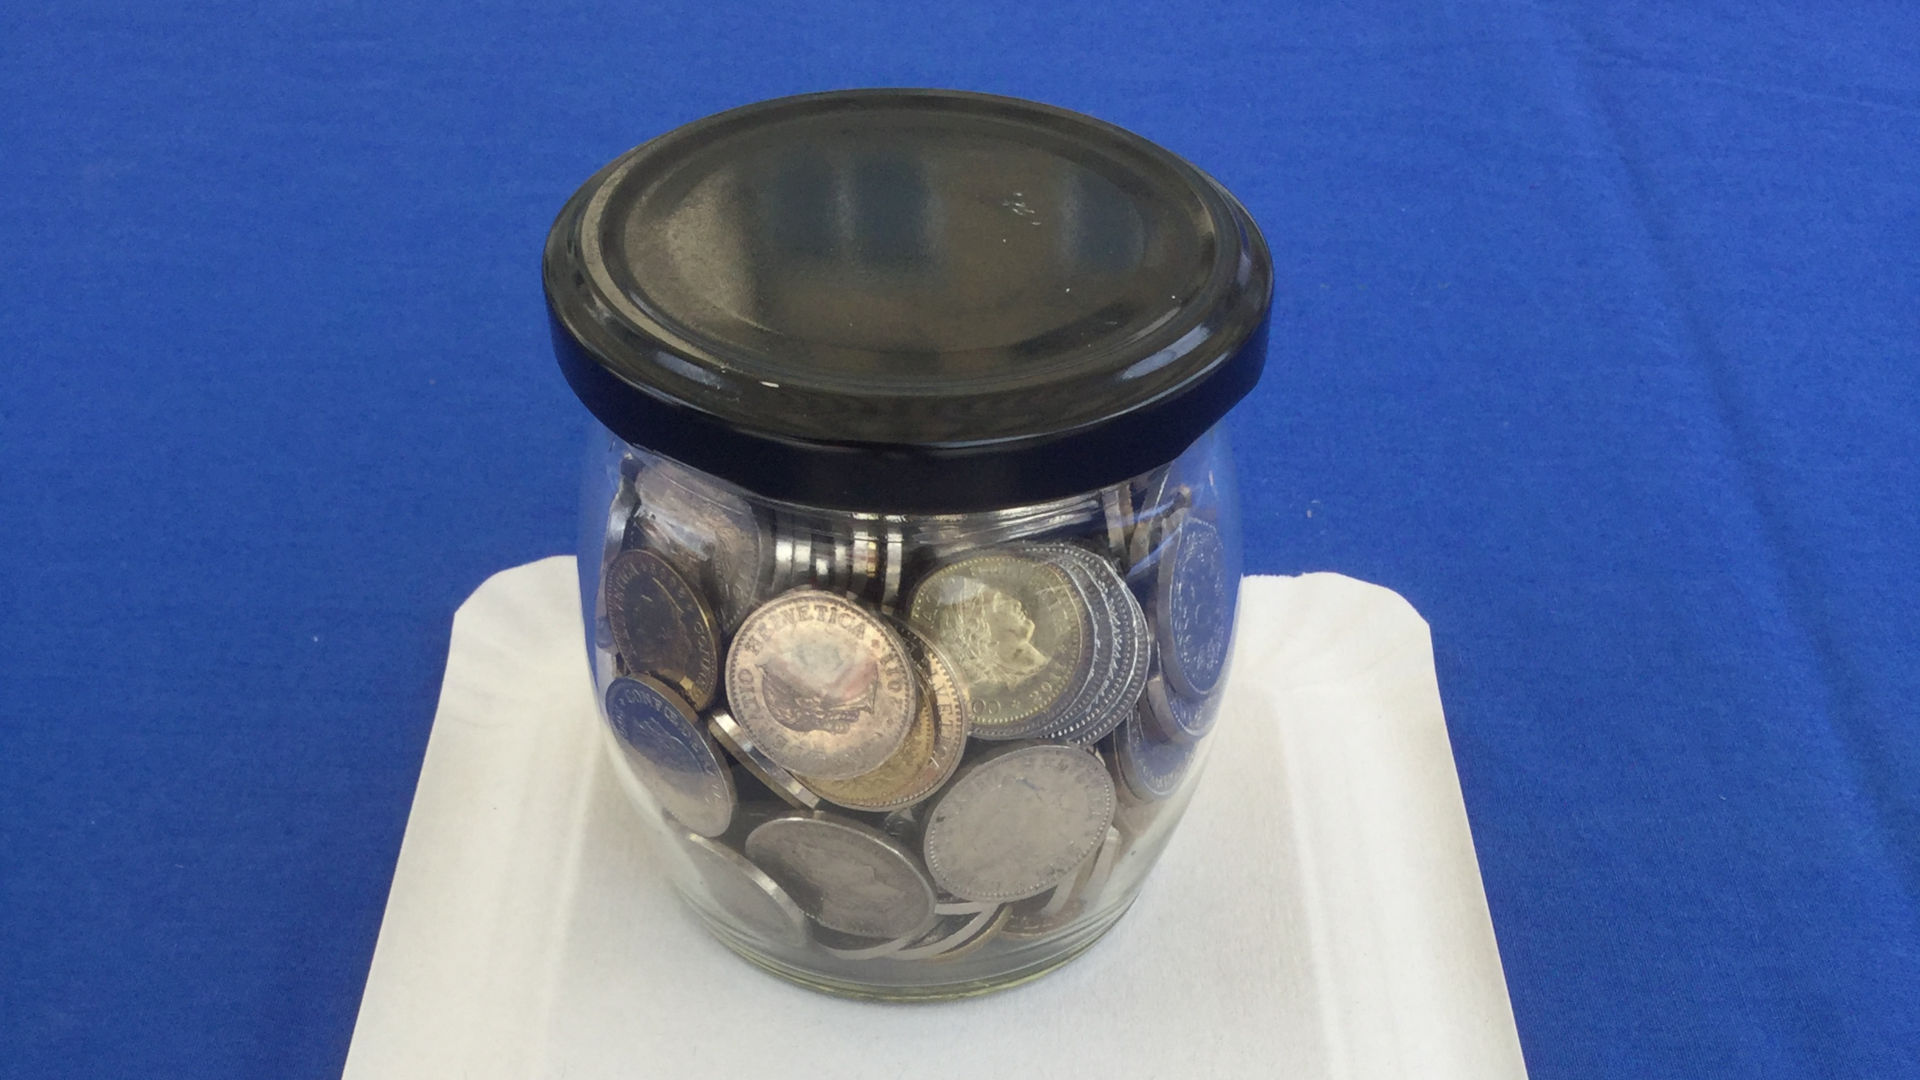 Das geheimnisvolle Konfitüreglas mit Münzen